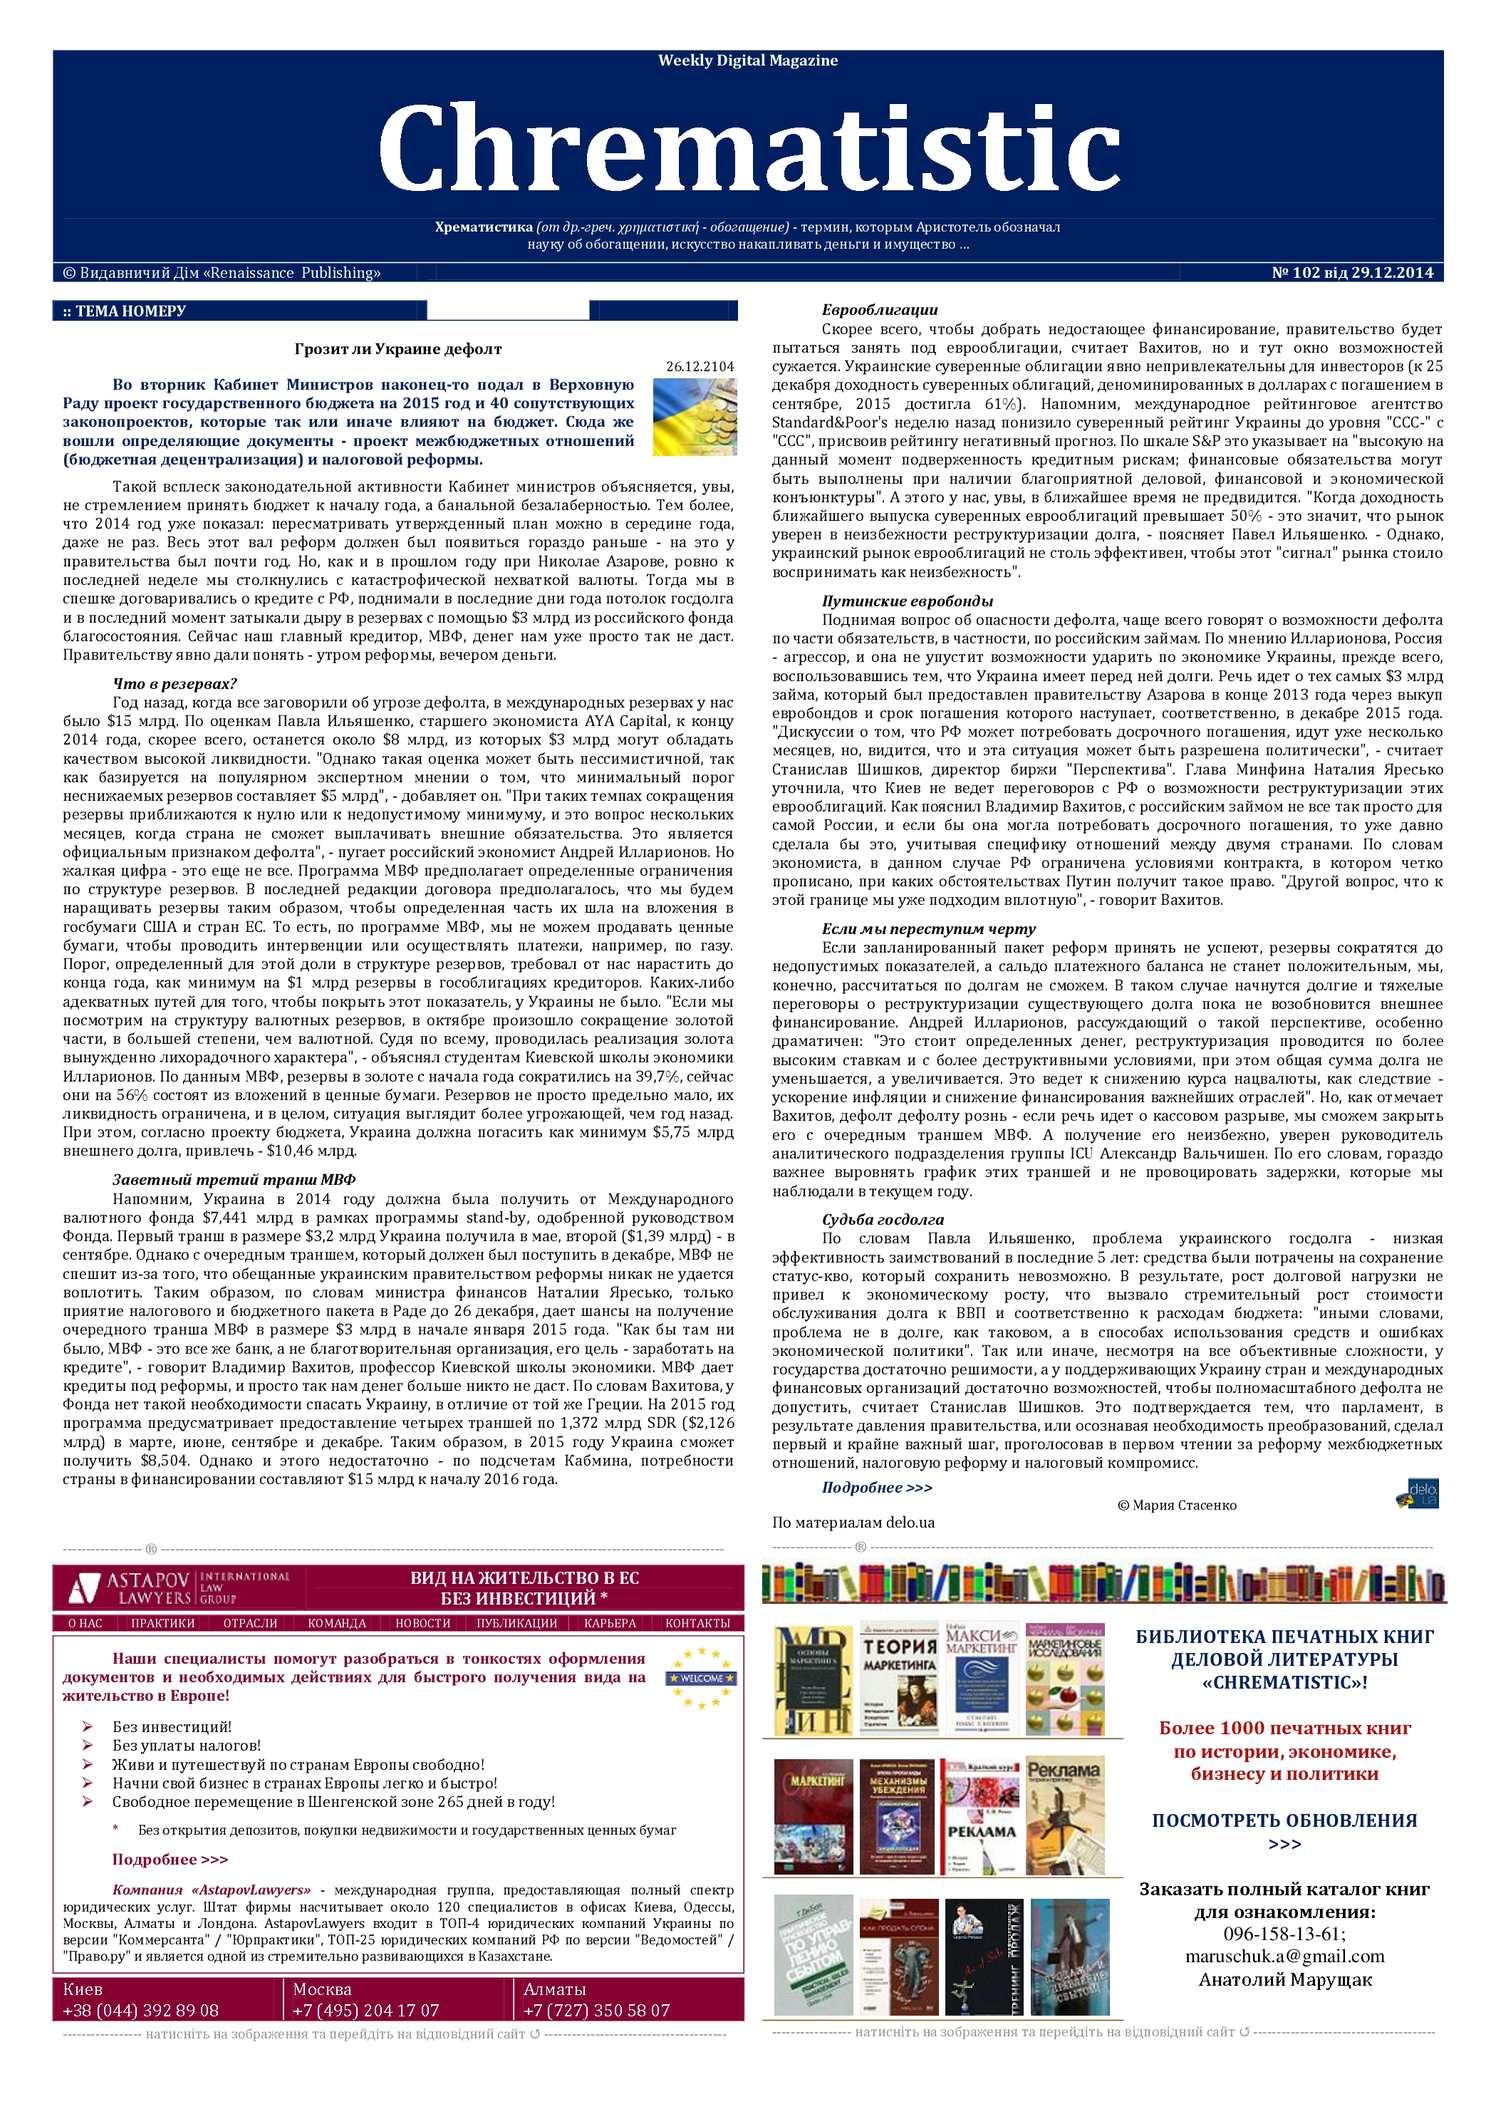 e235c0bc4d07 Calaméo - №102 Wdm «Chrematistic» от 29 12 2014